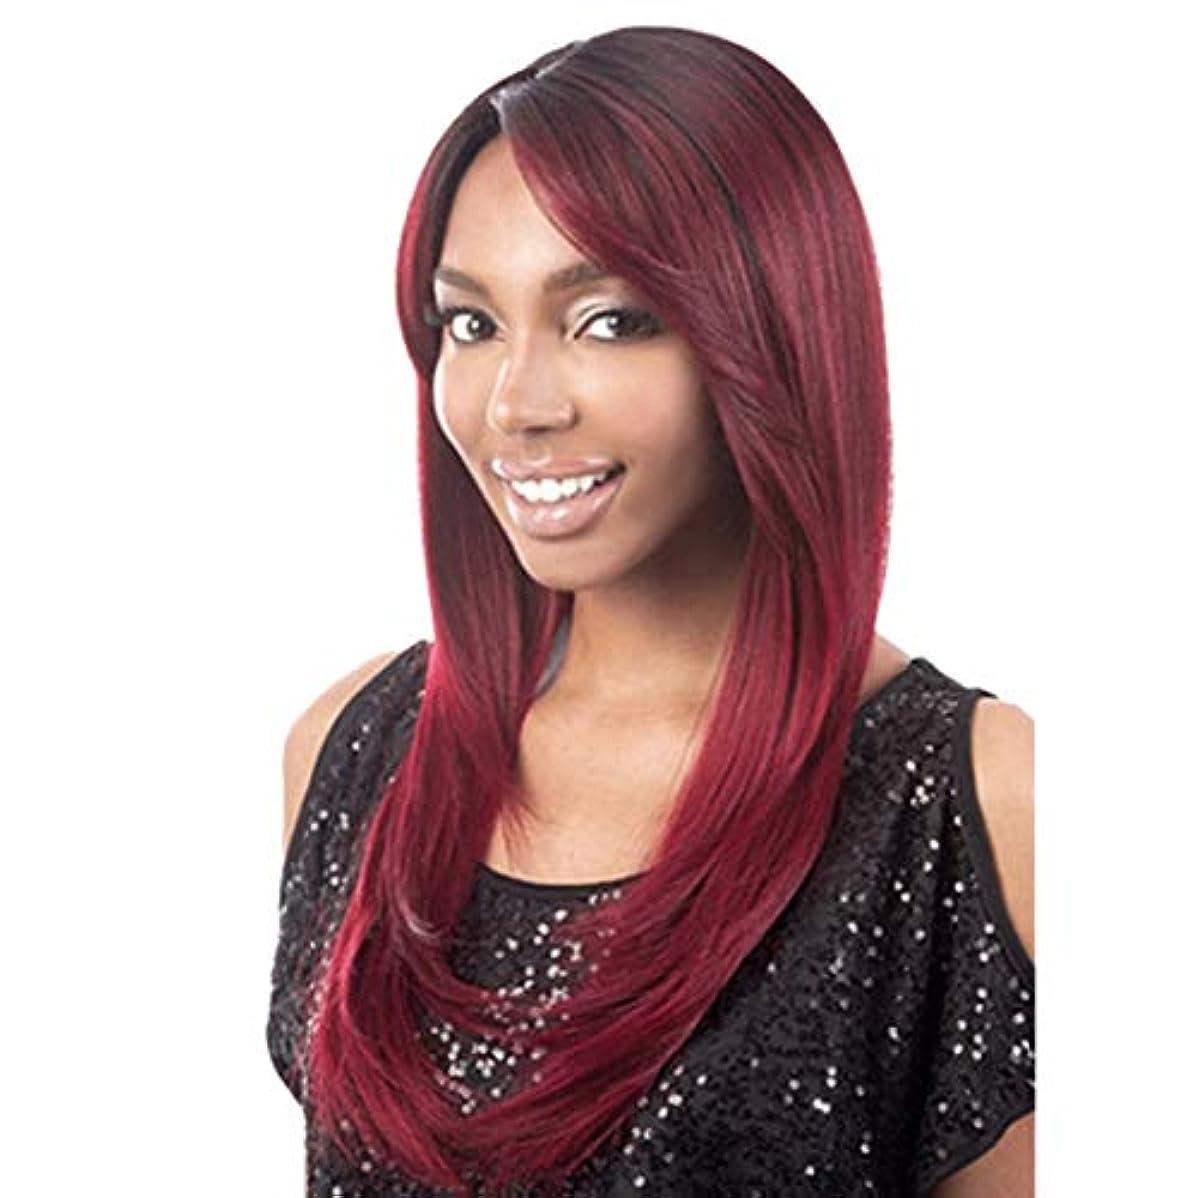 失われた不運悪用Summerys 女性の半分手のための赤い側部分長い自然なストレート耐熱合成毛の交換かつら